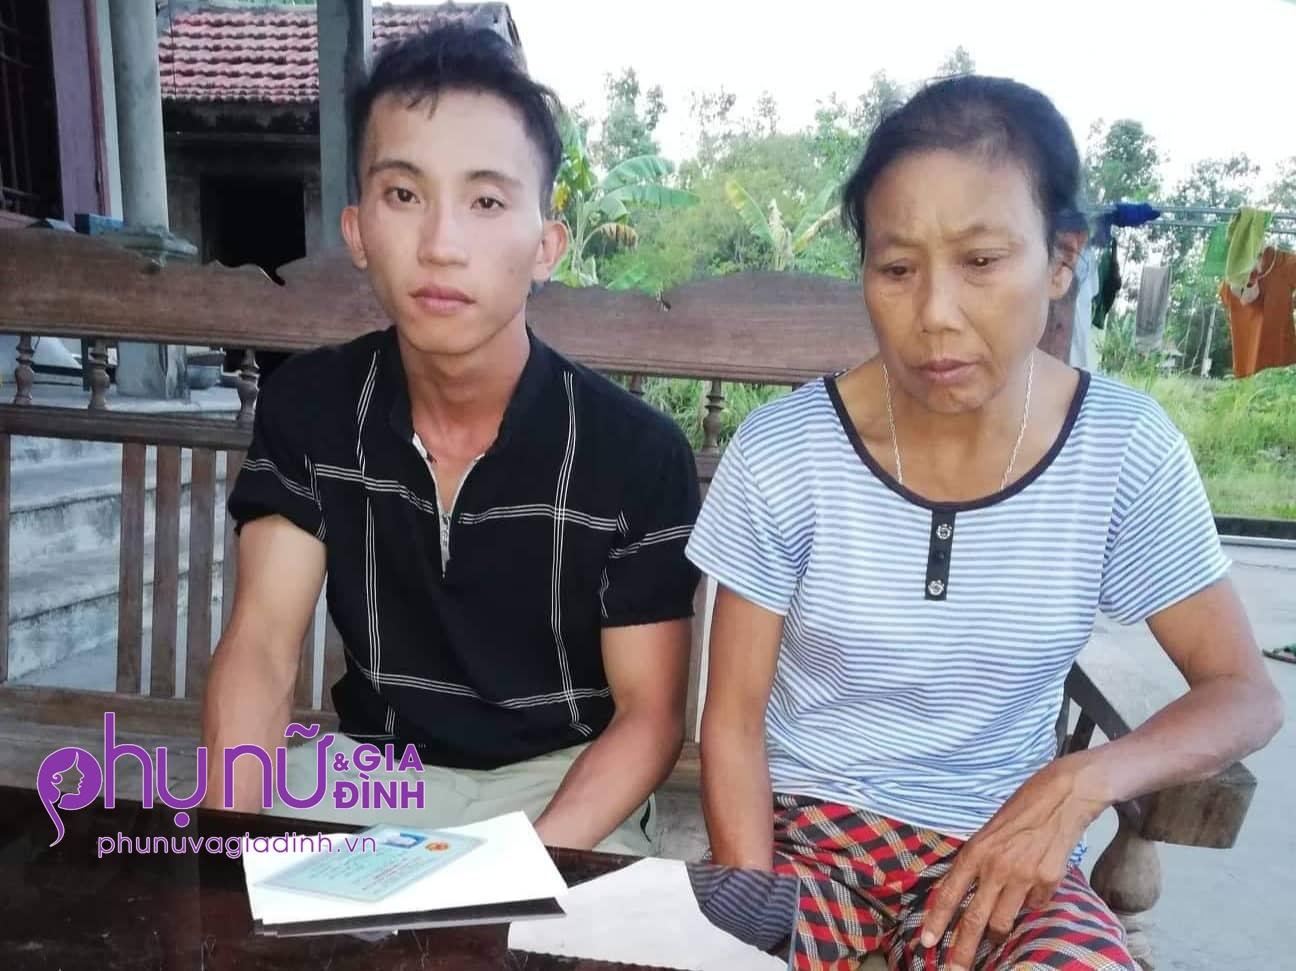 Cám cảnh người mẹ mắc bệnh suy thận nặng nguyện nhường sự sống cho con trai mắc bệnh hiểm nghèo - Ảnh 1